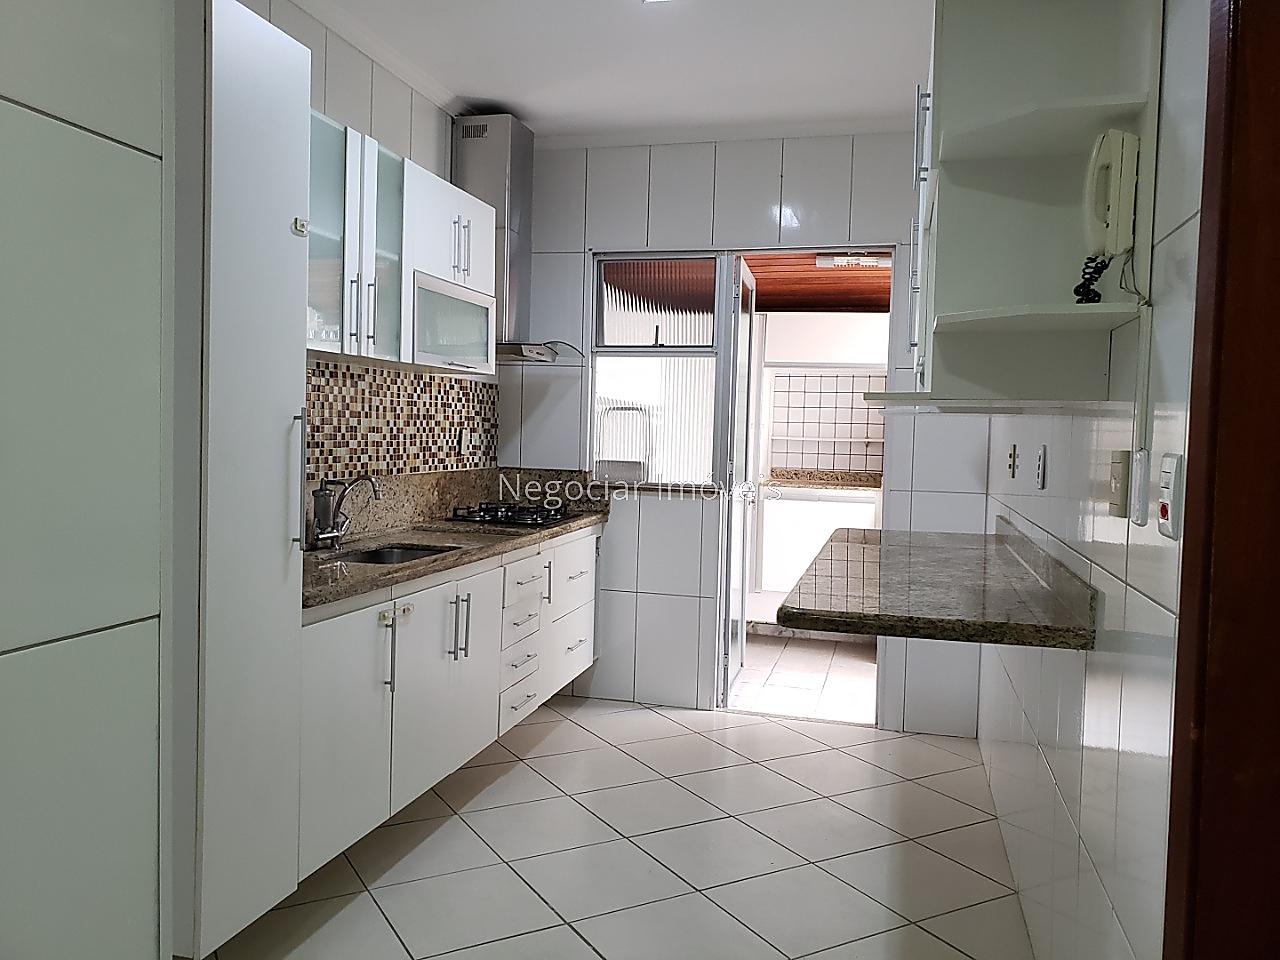 Apartamento à venda em Morro da Glória, Juiz de Fora - MG - Foto 9